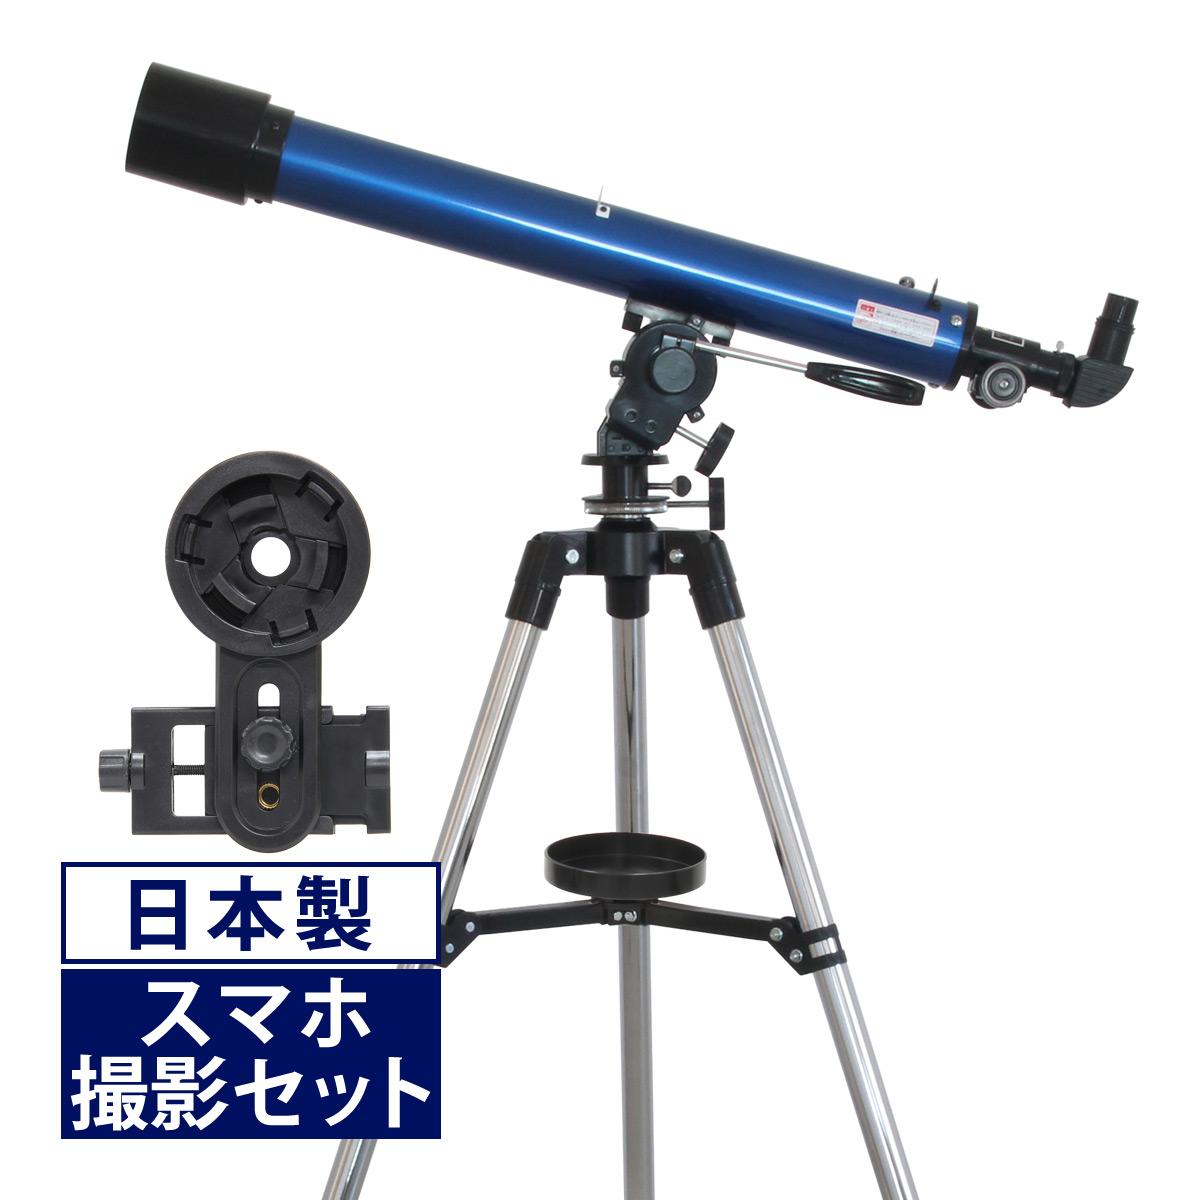 天体望遠鏡 リゲル60